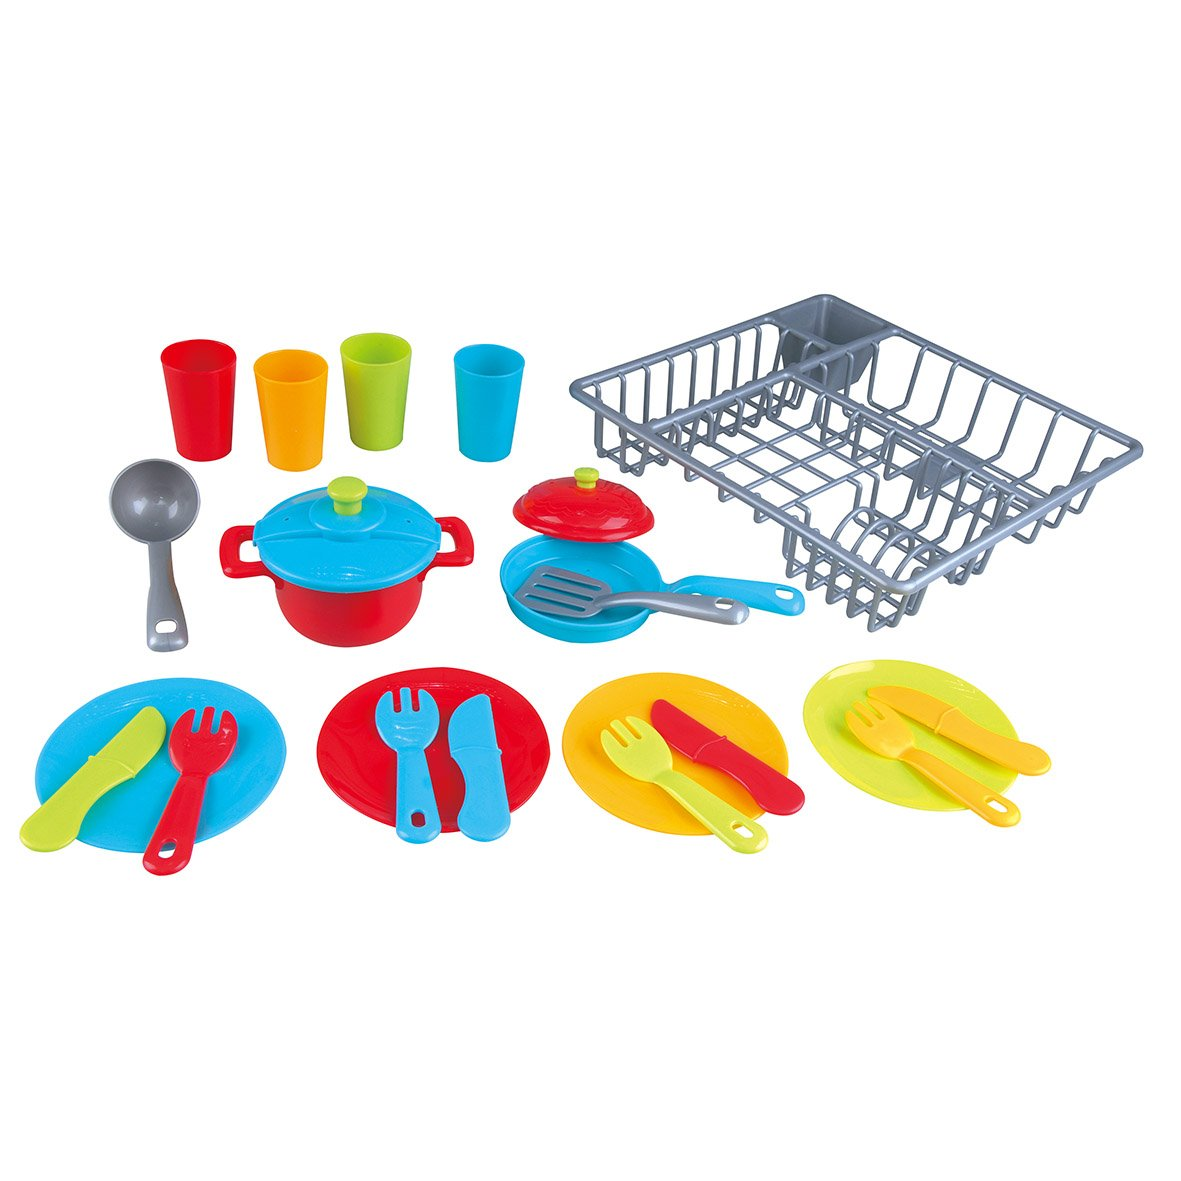 Игровой набор - сушилка с посудой, 23 предметаАксессуары и техника для детской кухни<br>Игровой набор - сушилка с посудой, 23 предмета<br>